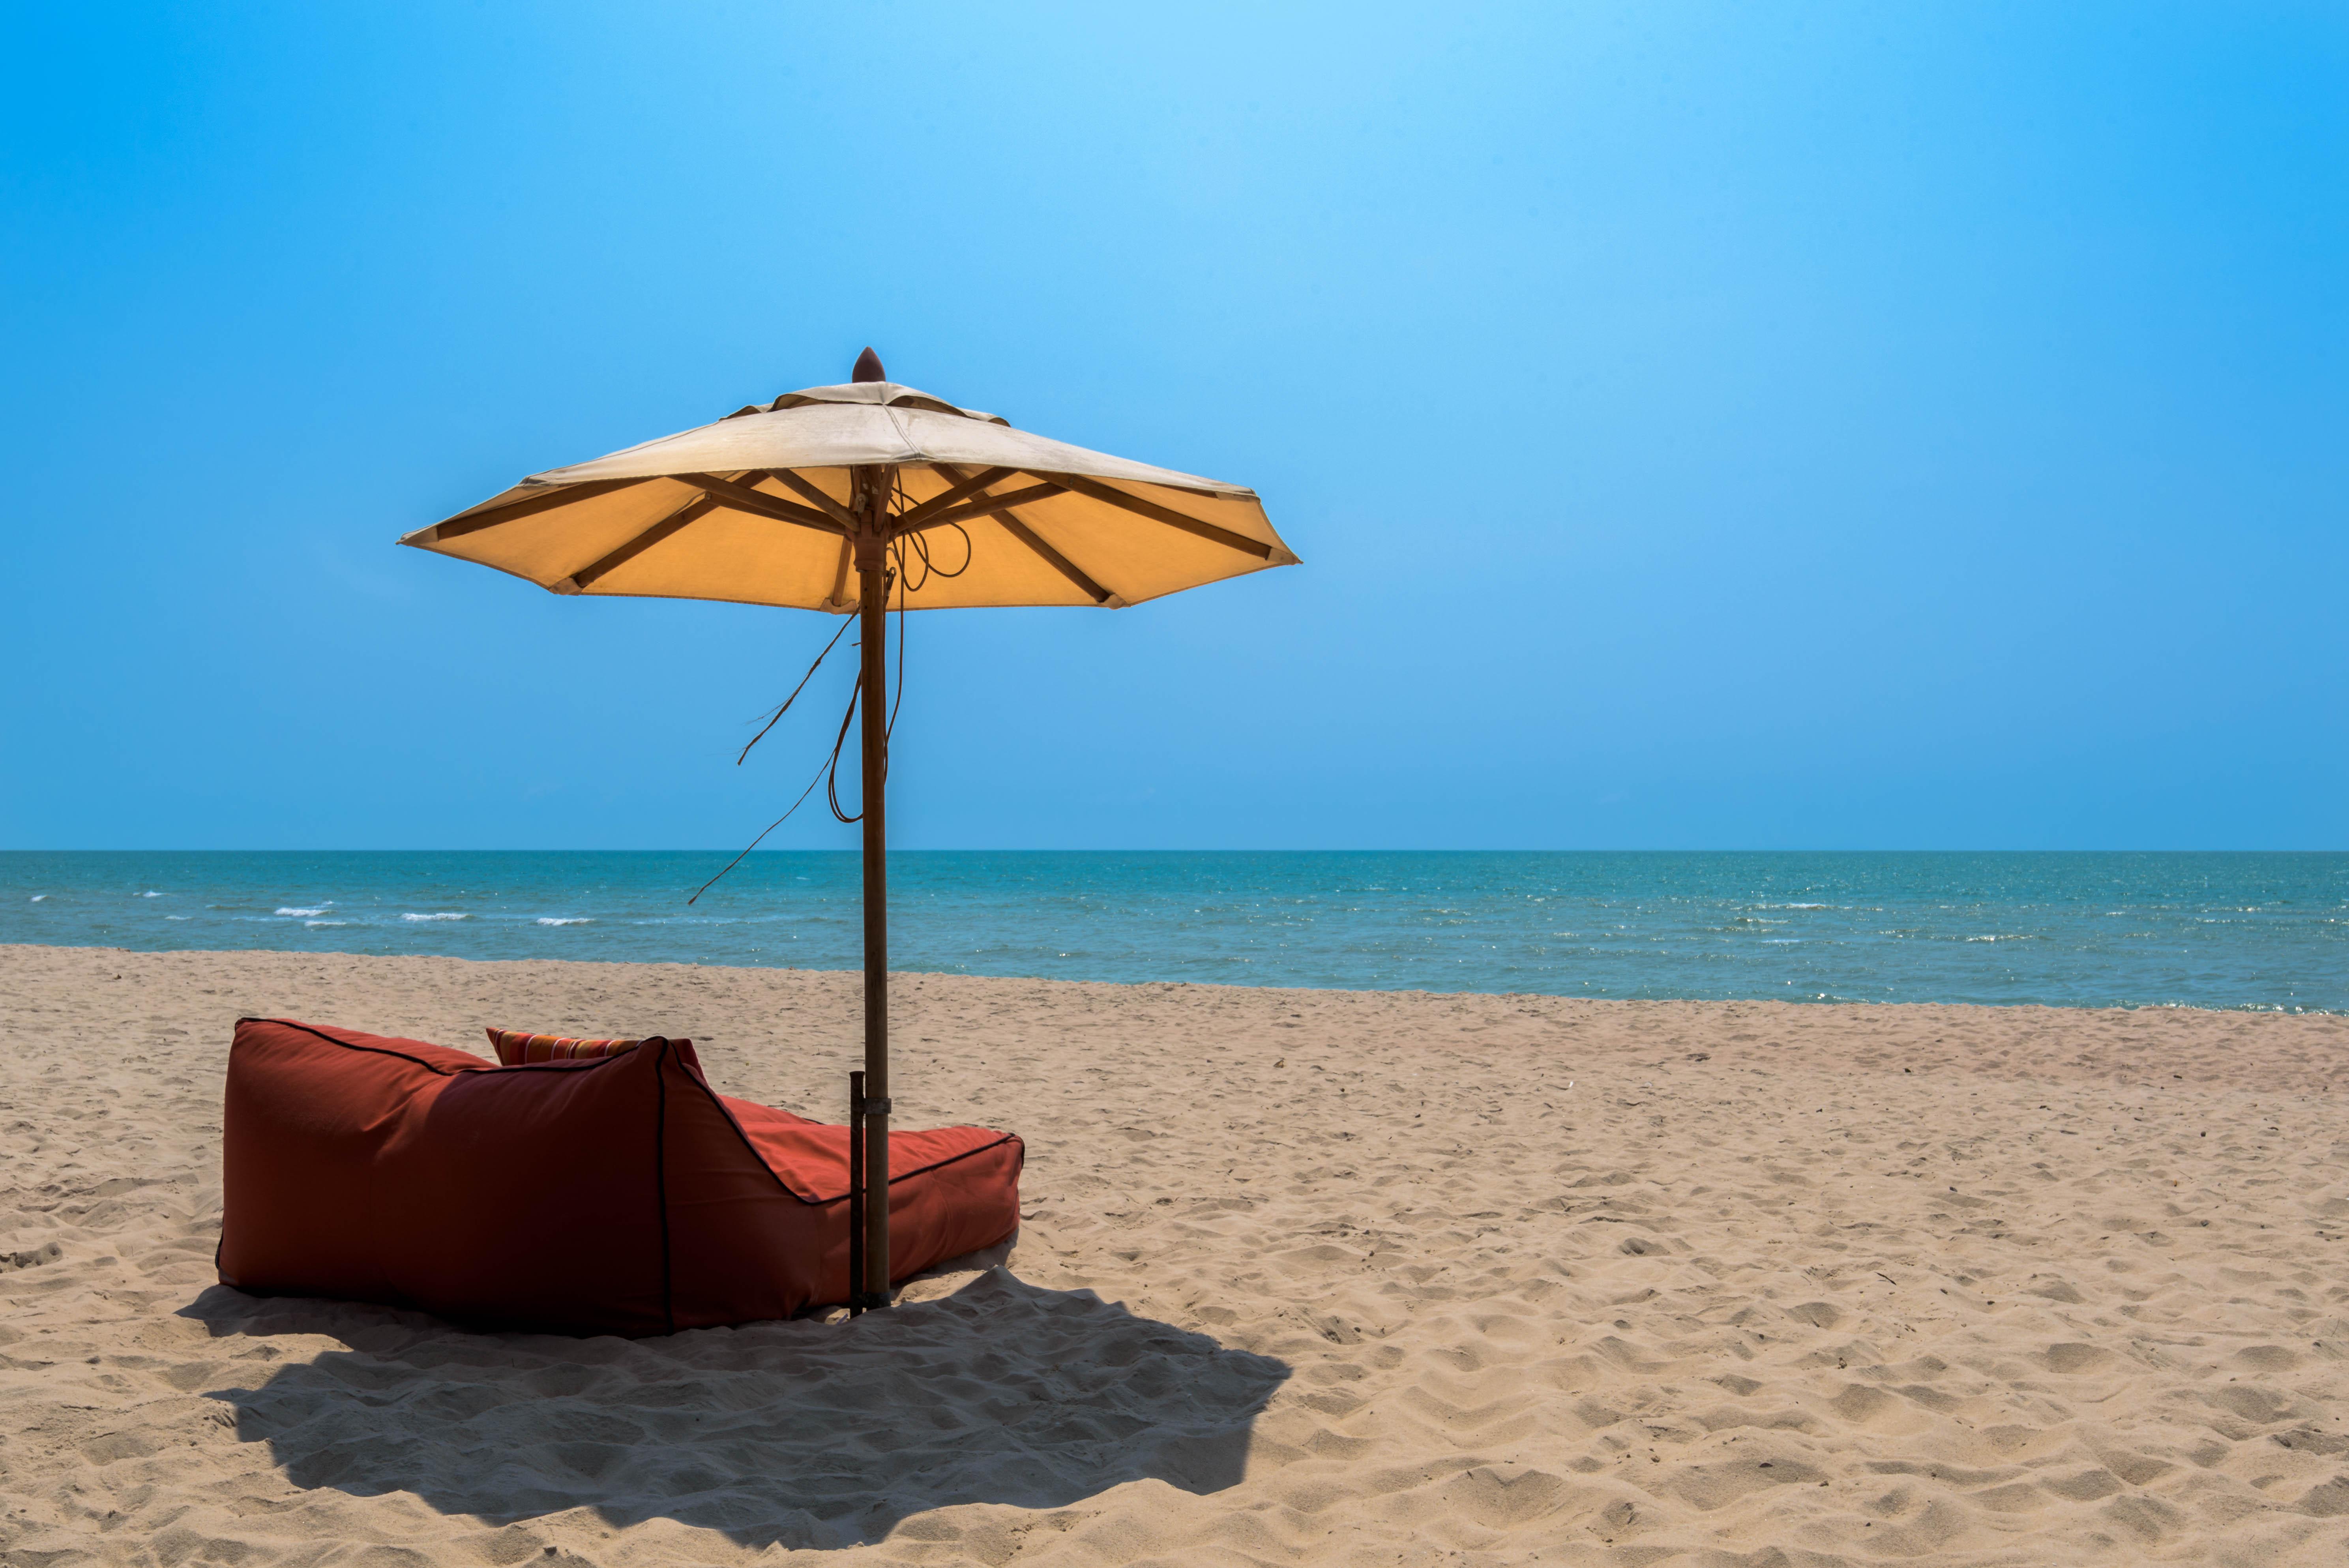 Cha Am Beach, Thailand, Beach, Relax, Vacation, Umbrella, HQ Photo